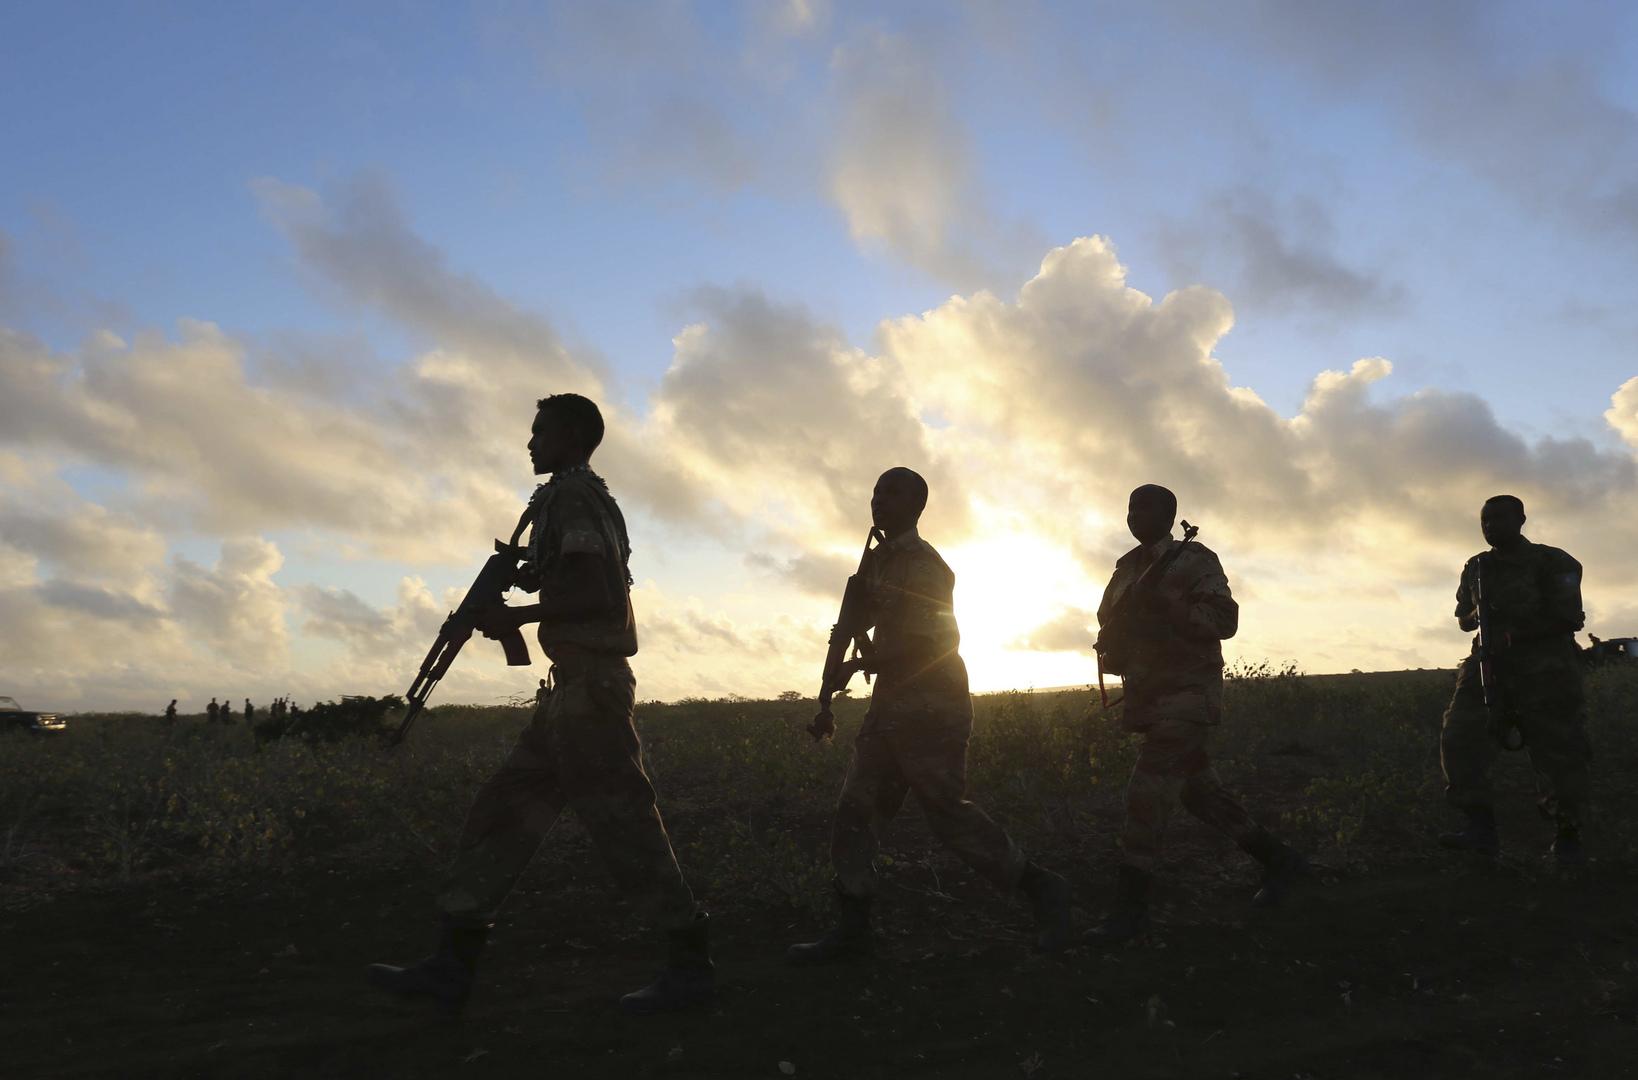 عسكريون صوماليون تدربهم قوات أمريكية، أرشيف